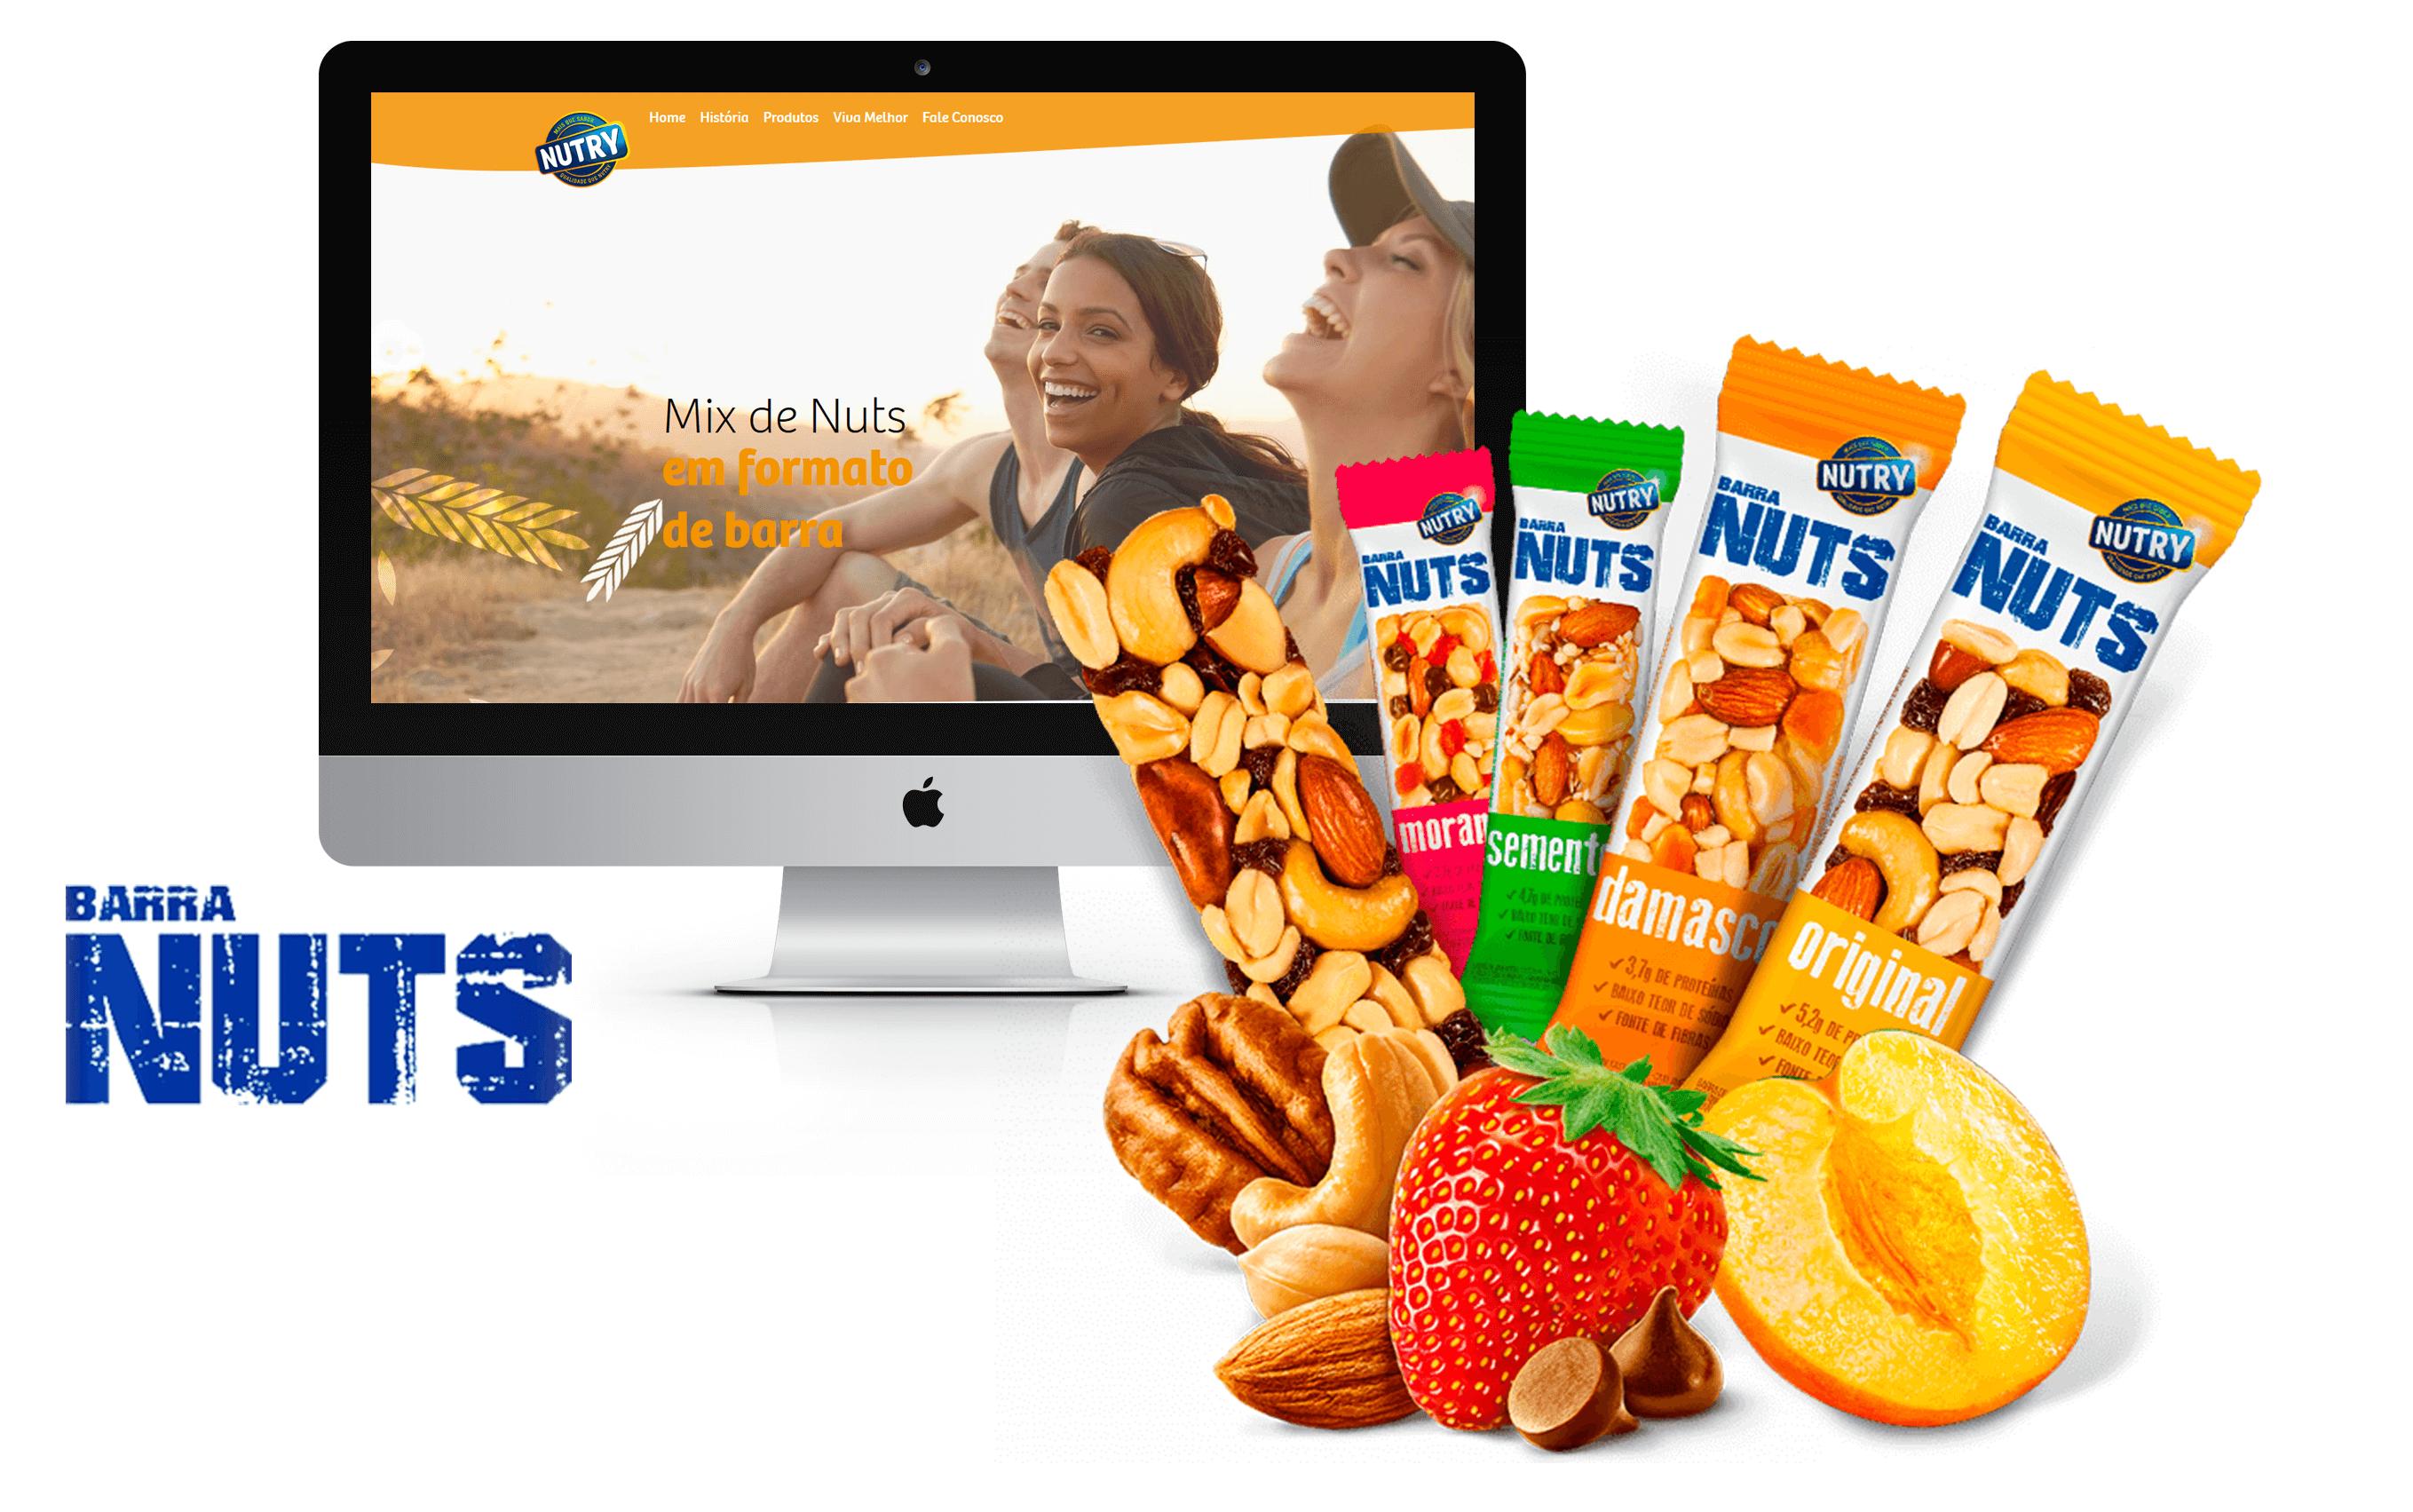 SITE NUTRY - NUTS- PONTODESIGN